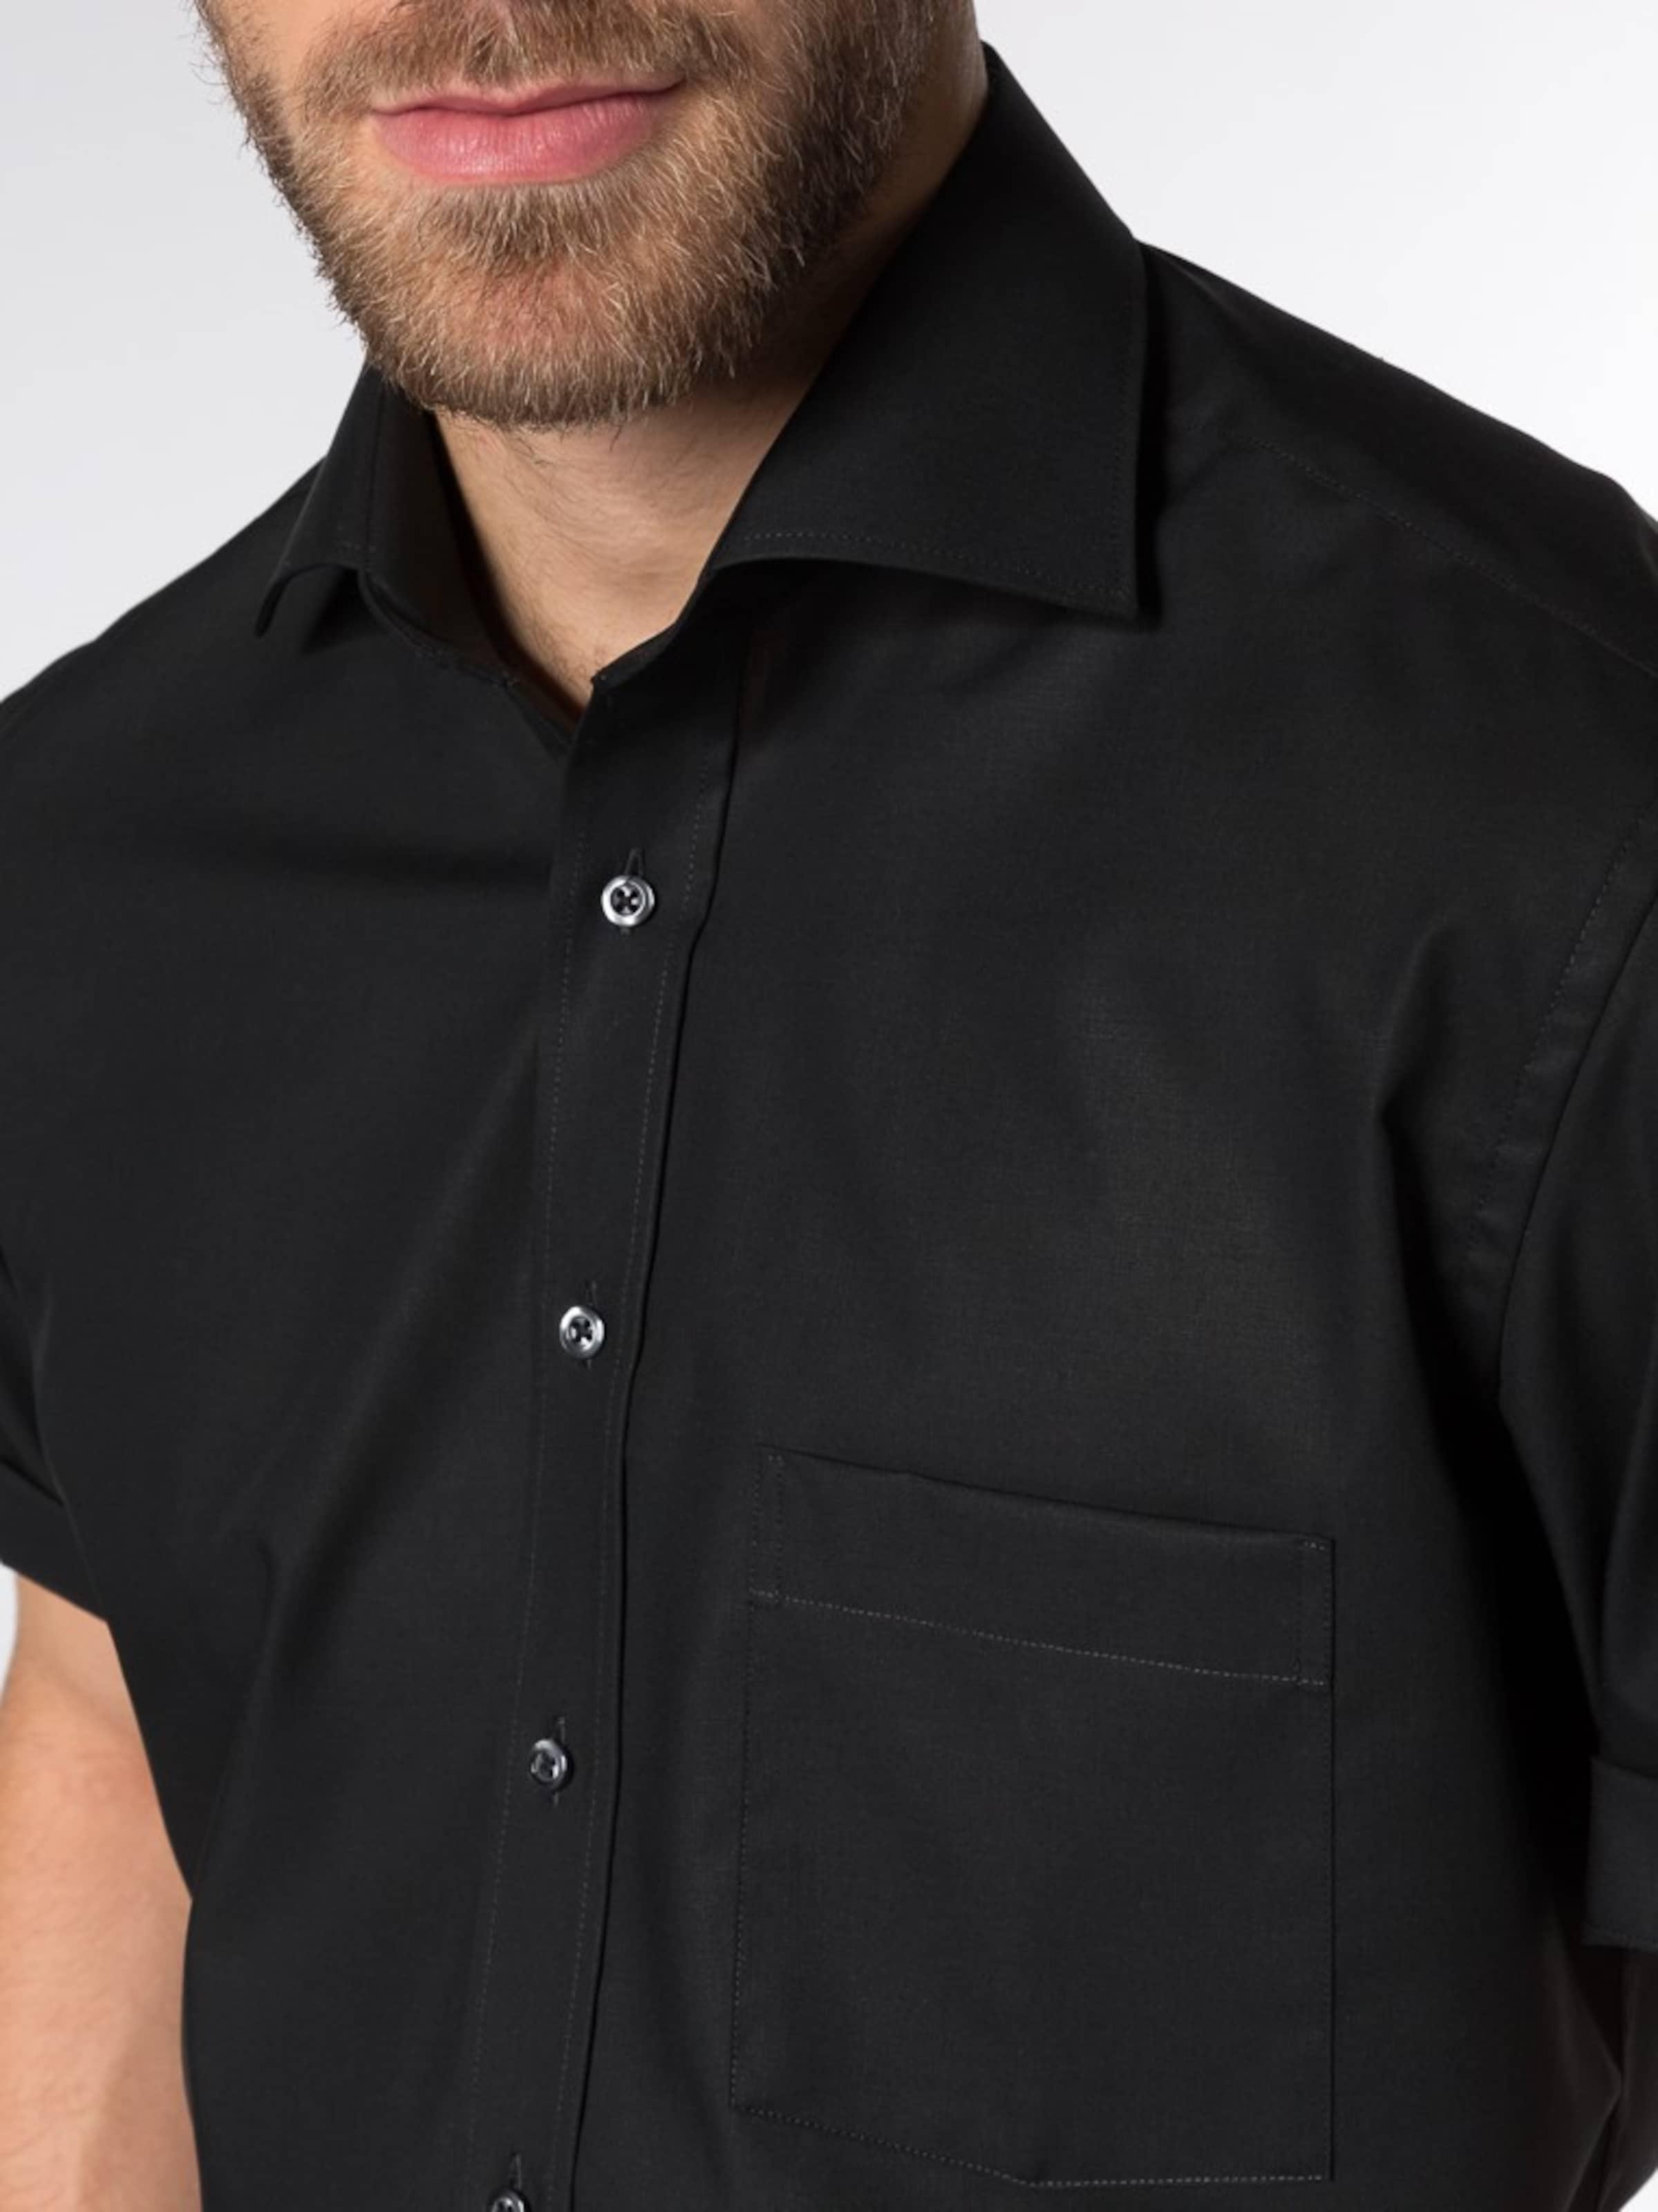 Freies Verschiffen Bester Verkauf ETERNA Kurzarm Hemd Spielraum 6Xm0uVQa